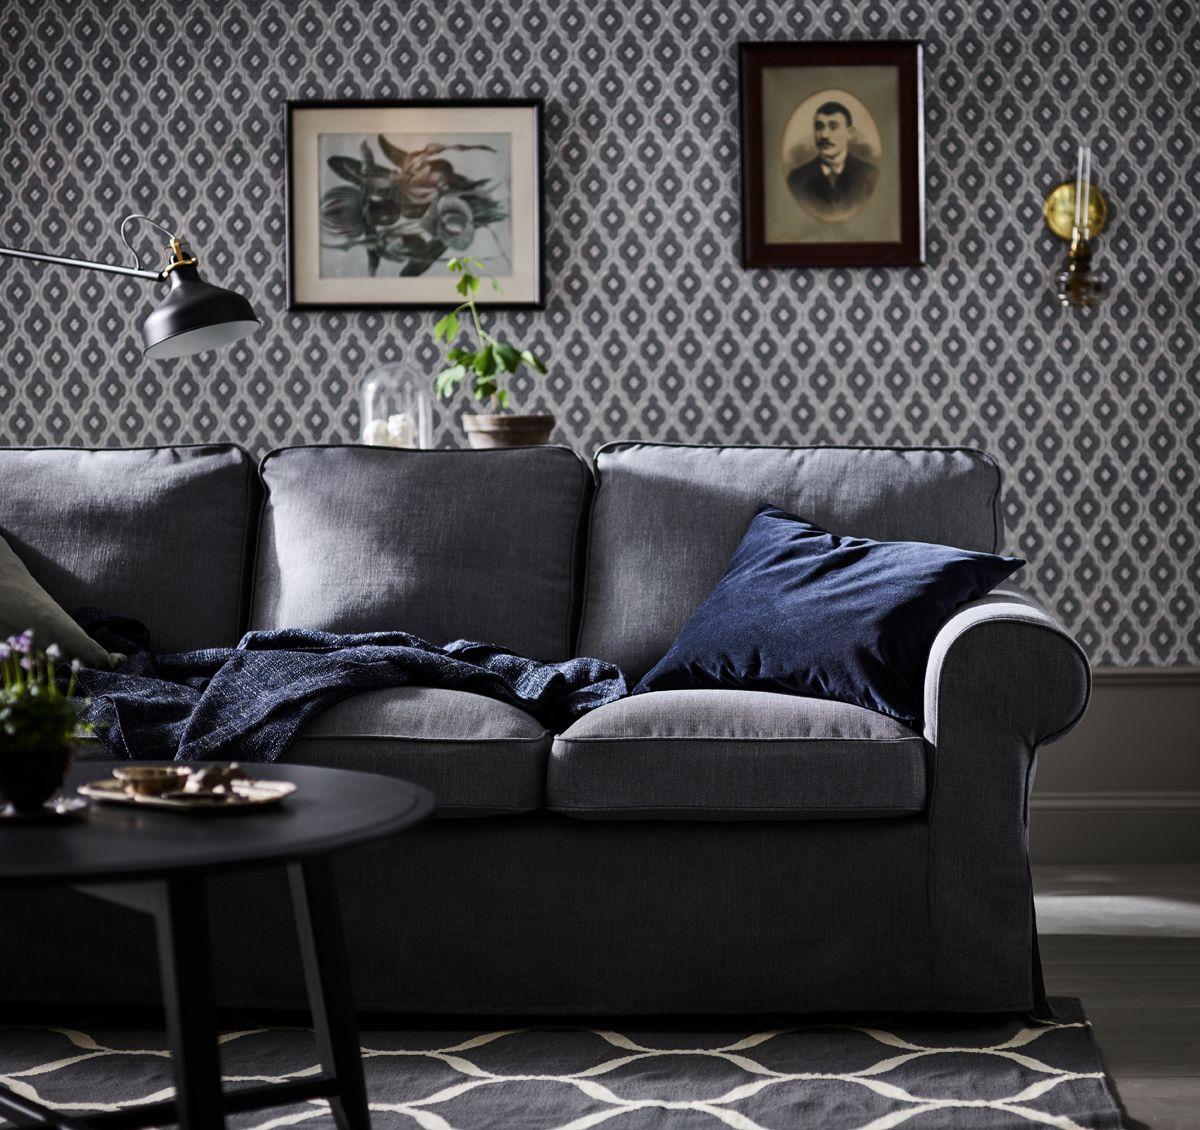 ce canap trois places ektorp gris fonc vous offrira confort et d tente pendant de nombreuses. Black Bedroom Furniture Sets. Home Design Ideas